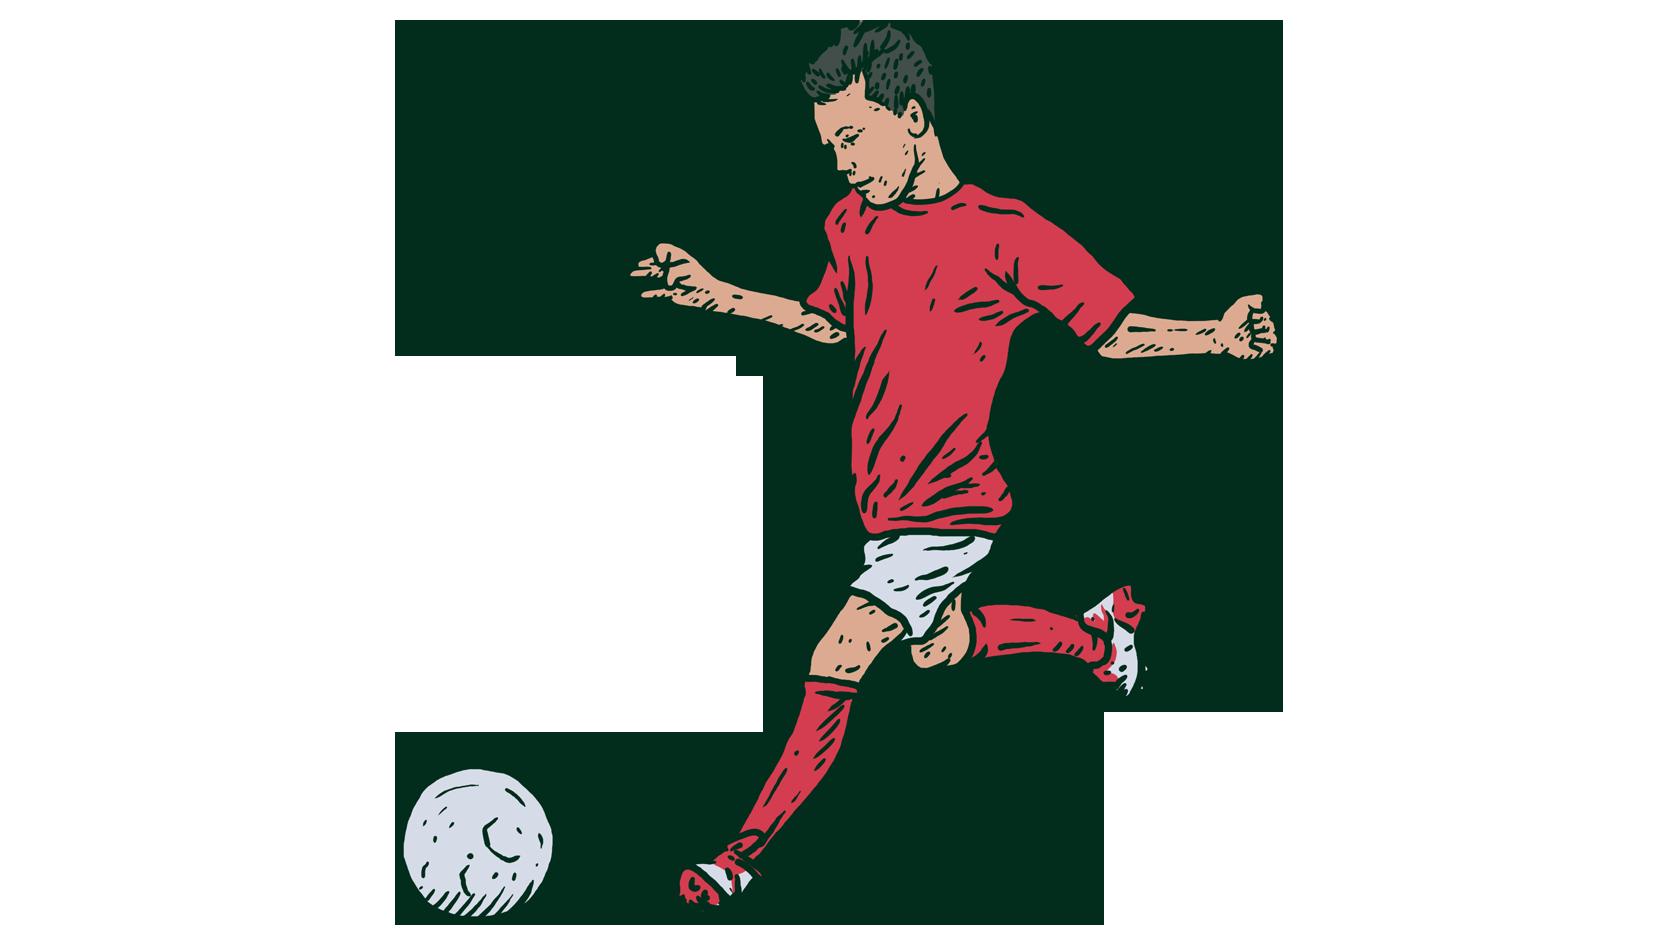 U9 Soccer Drills